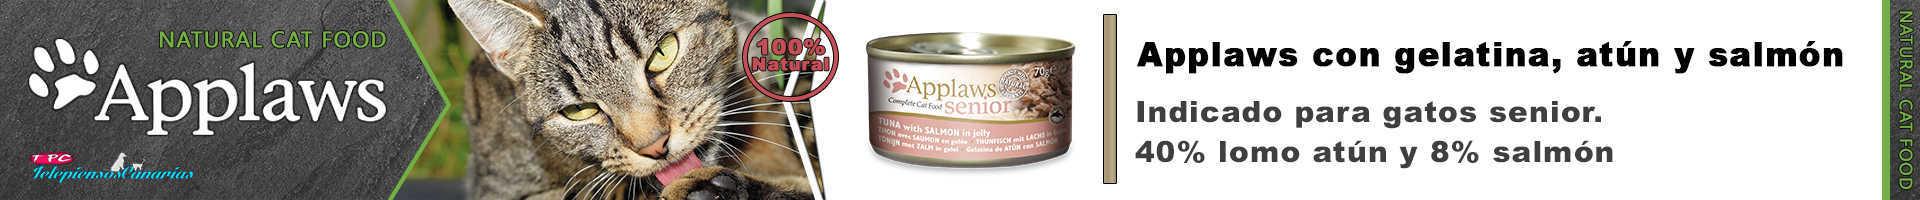 Applaws lata con gelatina, 40% lomo de atún, 8% salmón